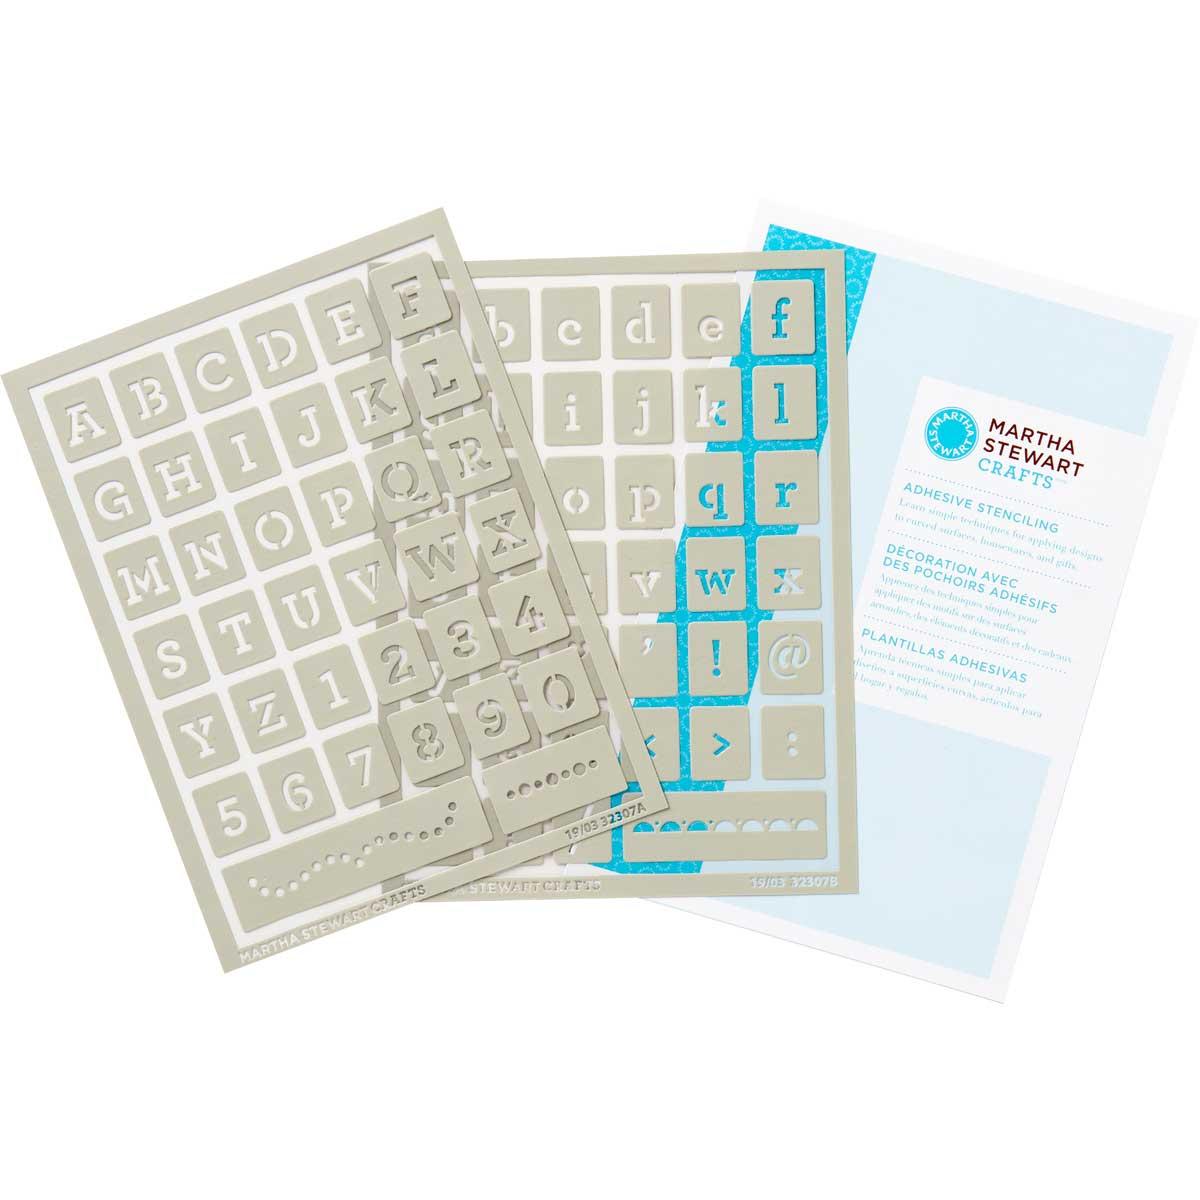 Martha Stewart ® Adhesive Stencil - Typewriter